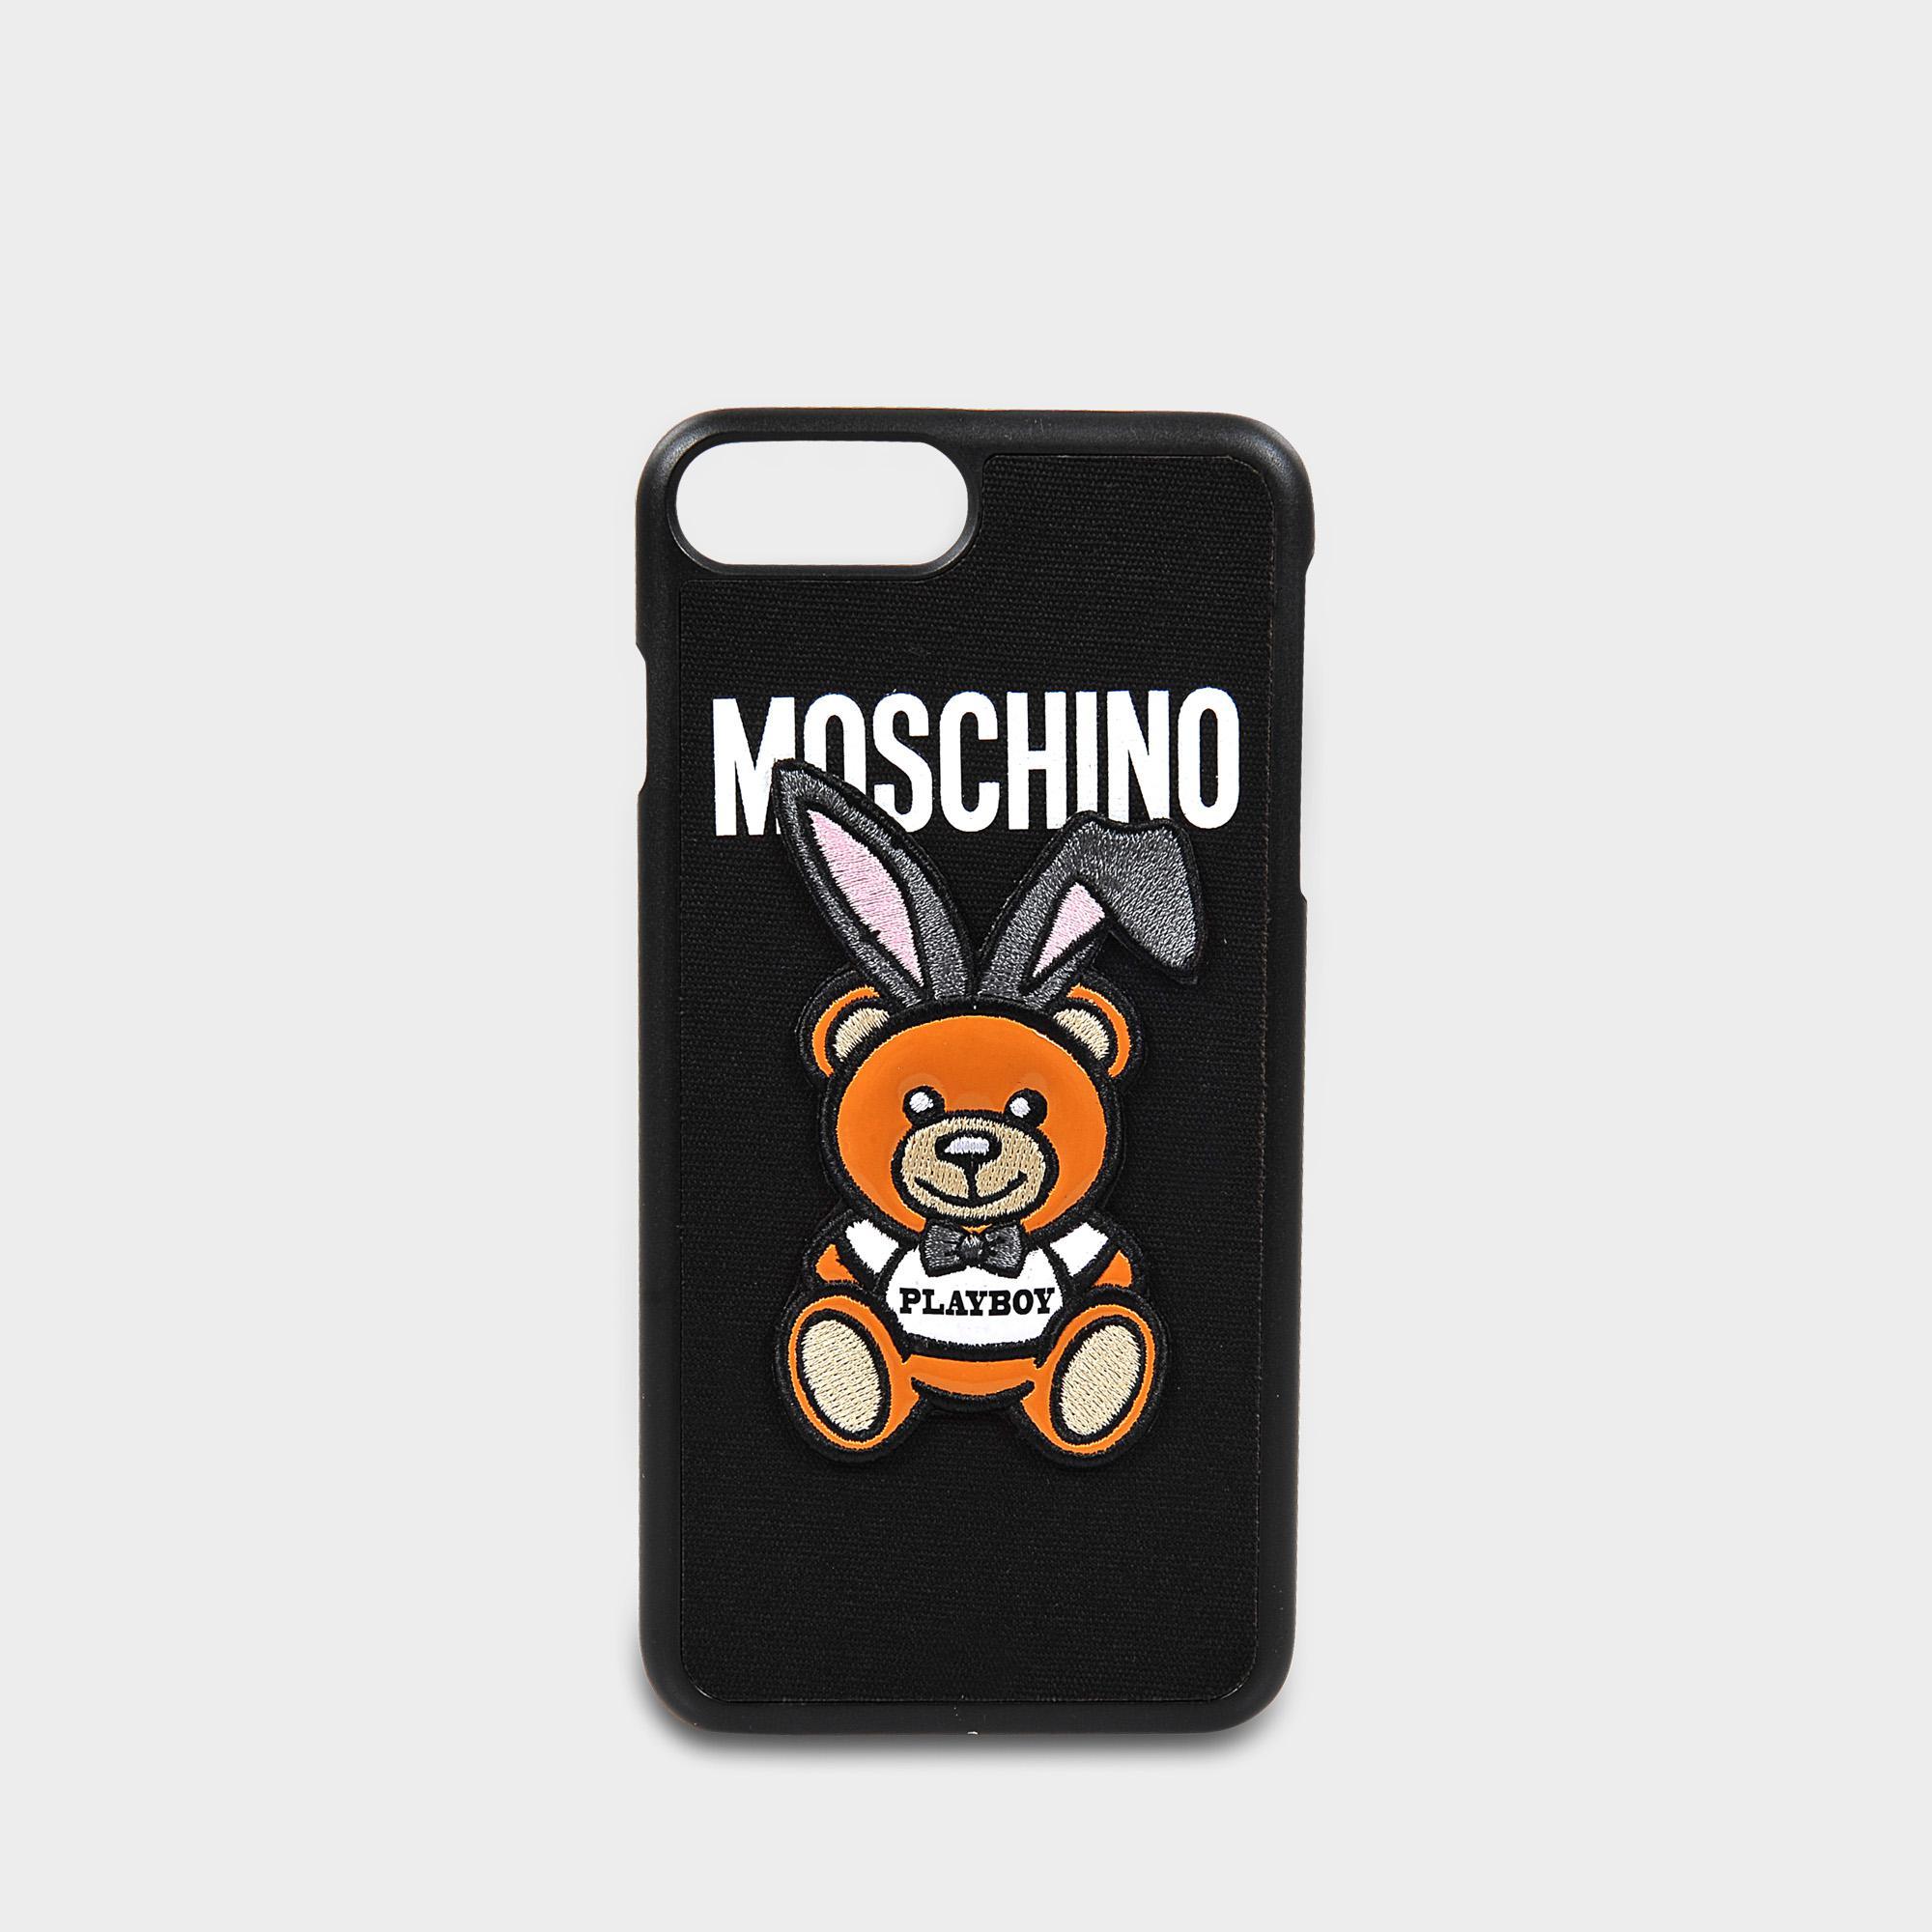 moschino coque iphone 7